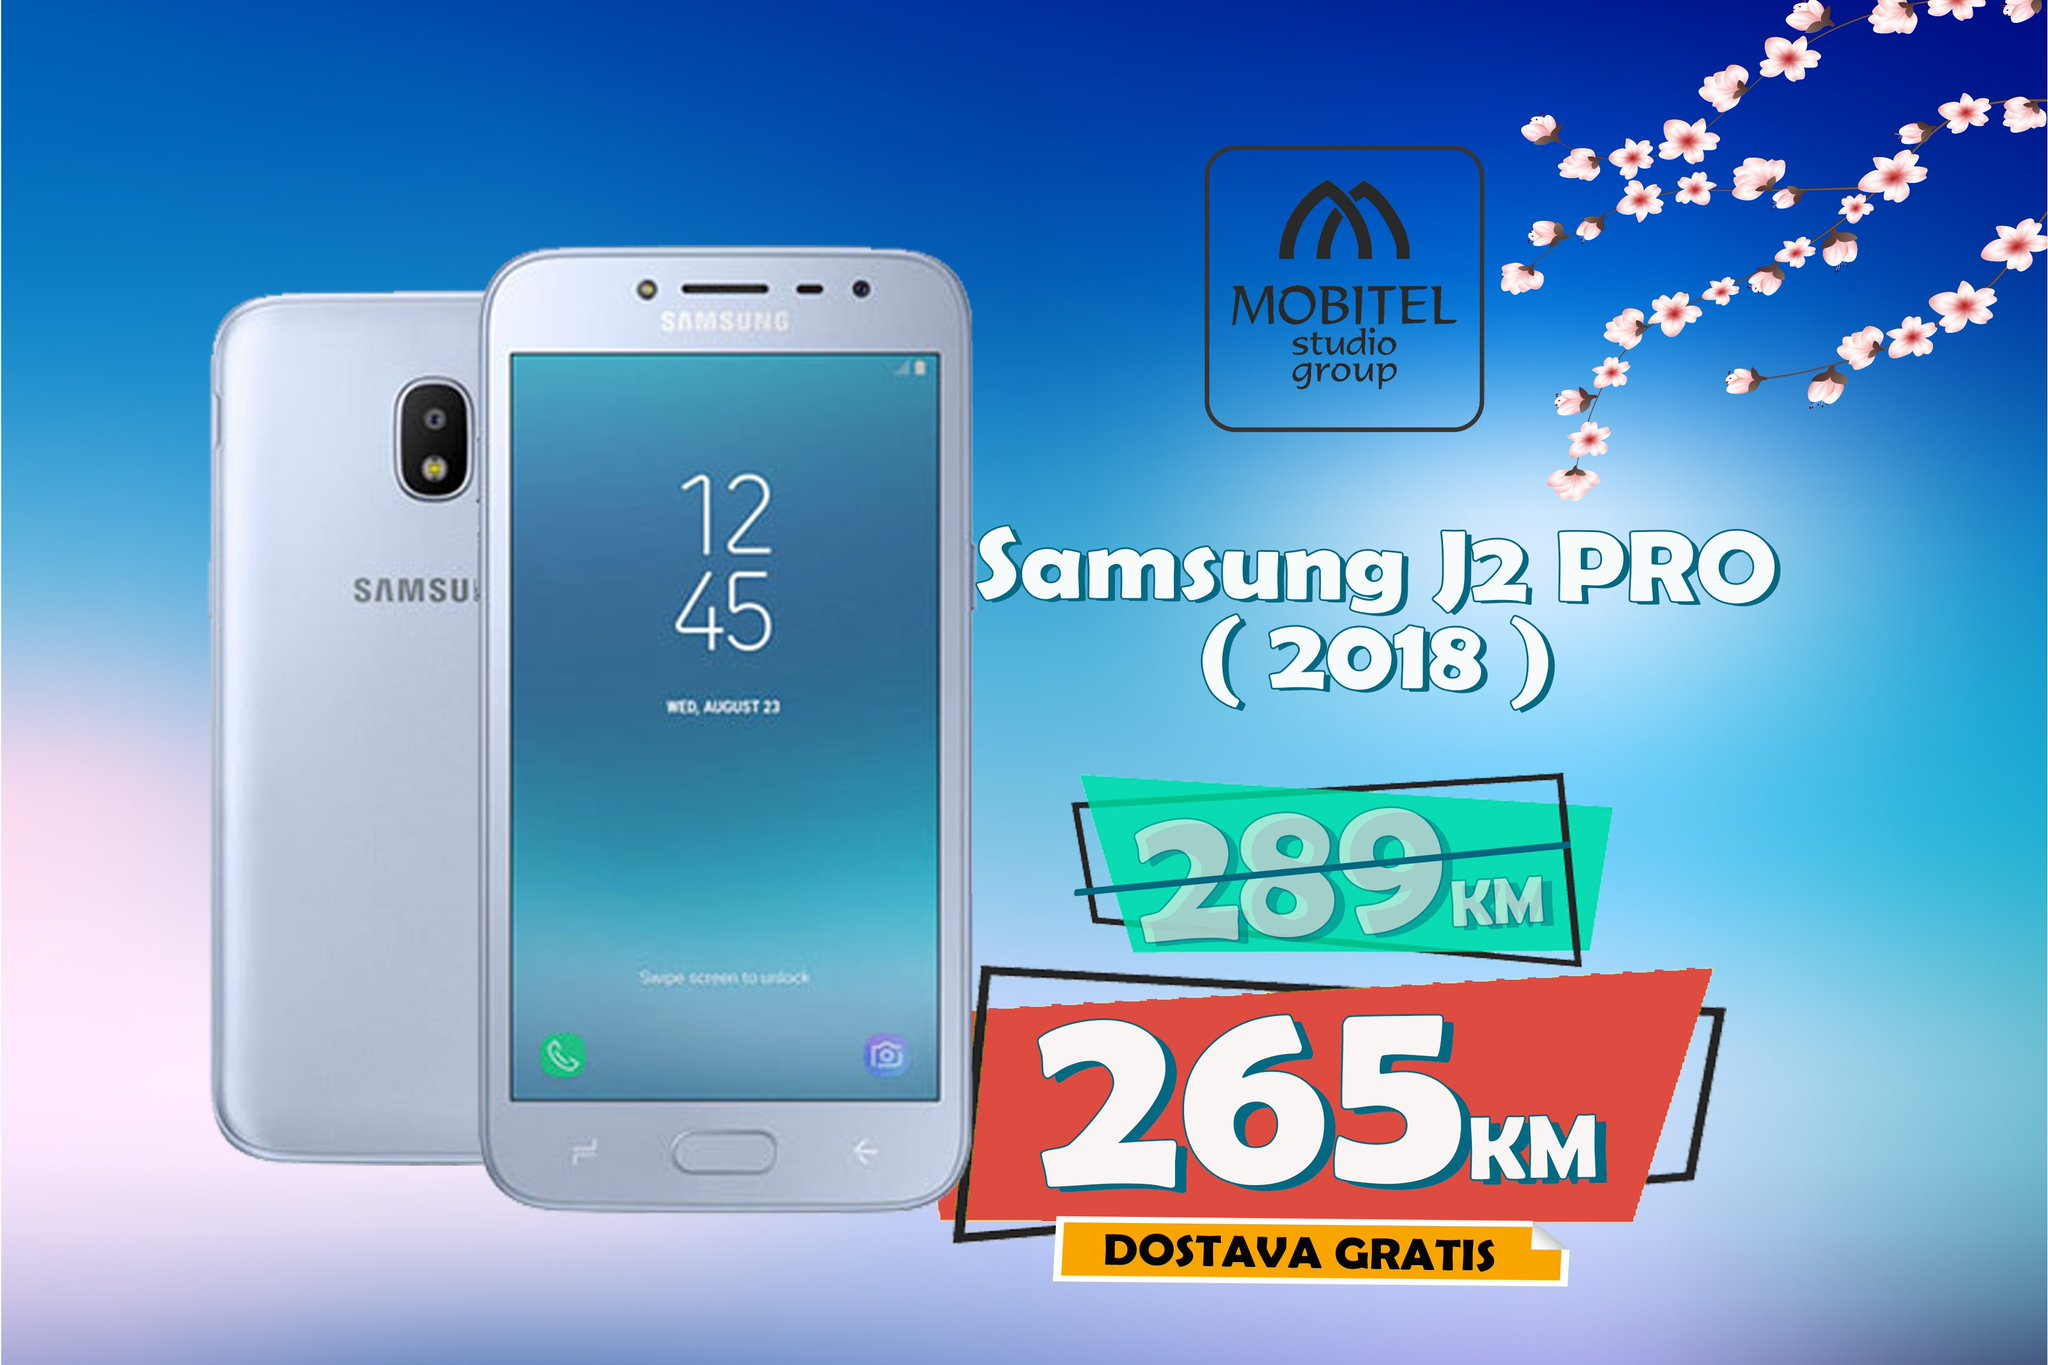 """Mobitel Studio on Twitter """"🚨 Samsung Galaxy J2 PRO 2018 Od sada kod nas potražite Samsung J2 PRO koji će vas oduševiti sa svojim karakteristikama"""